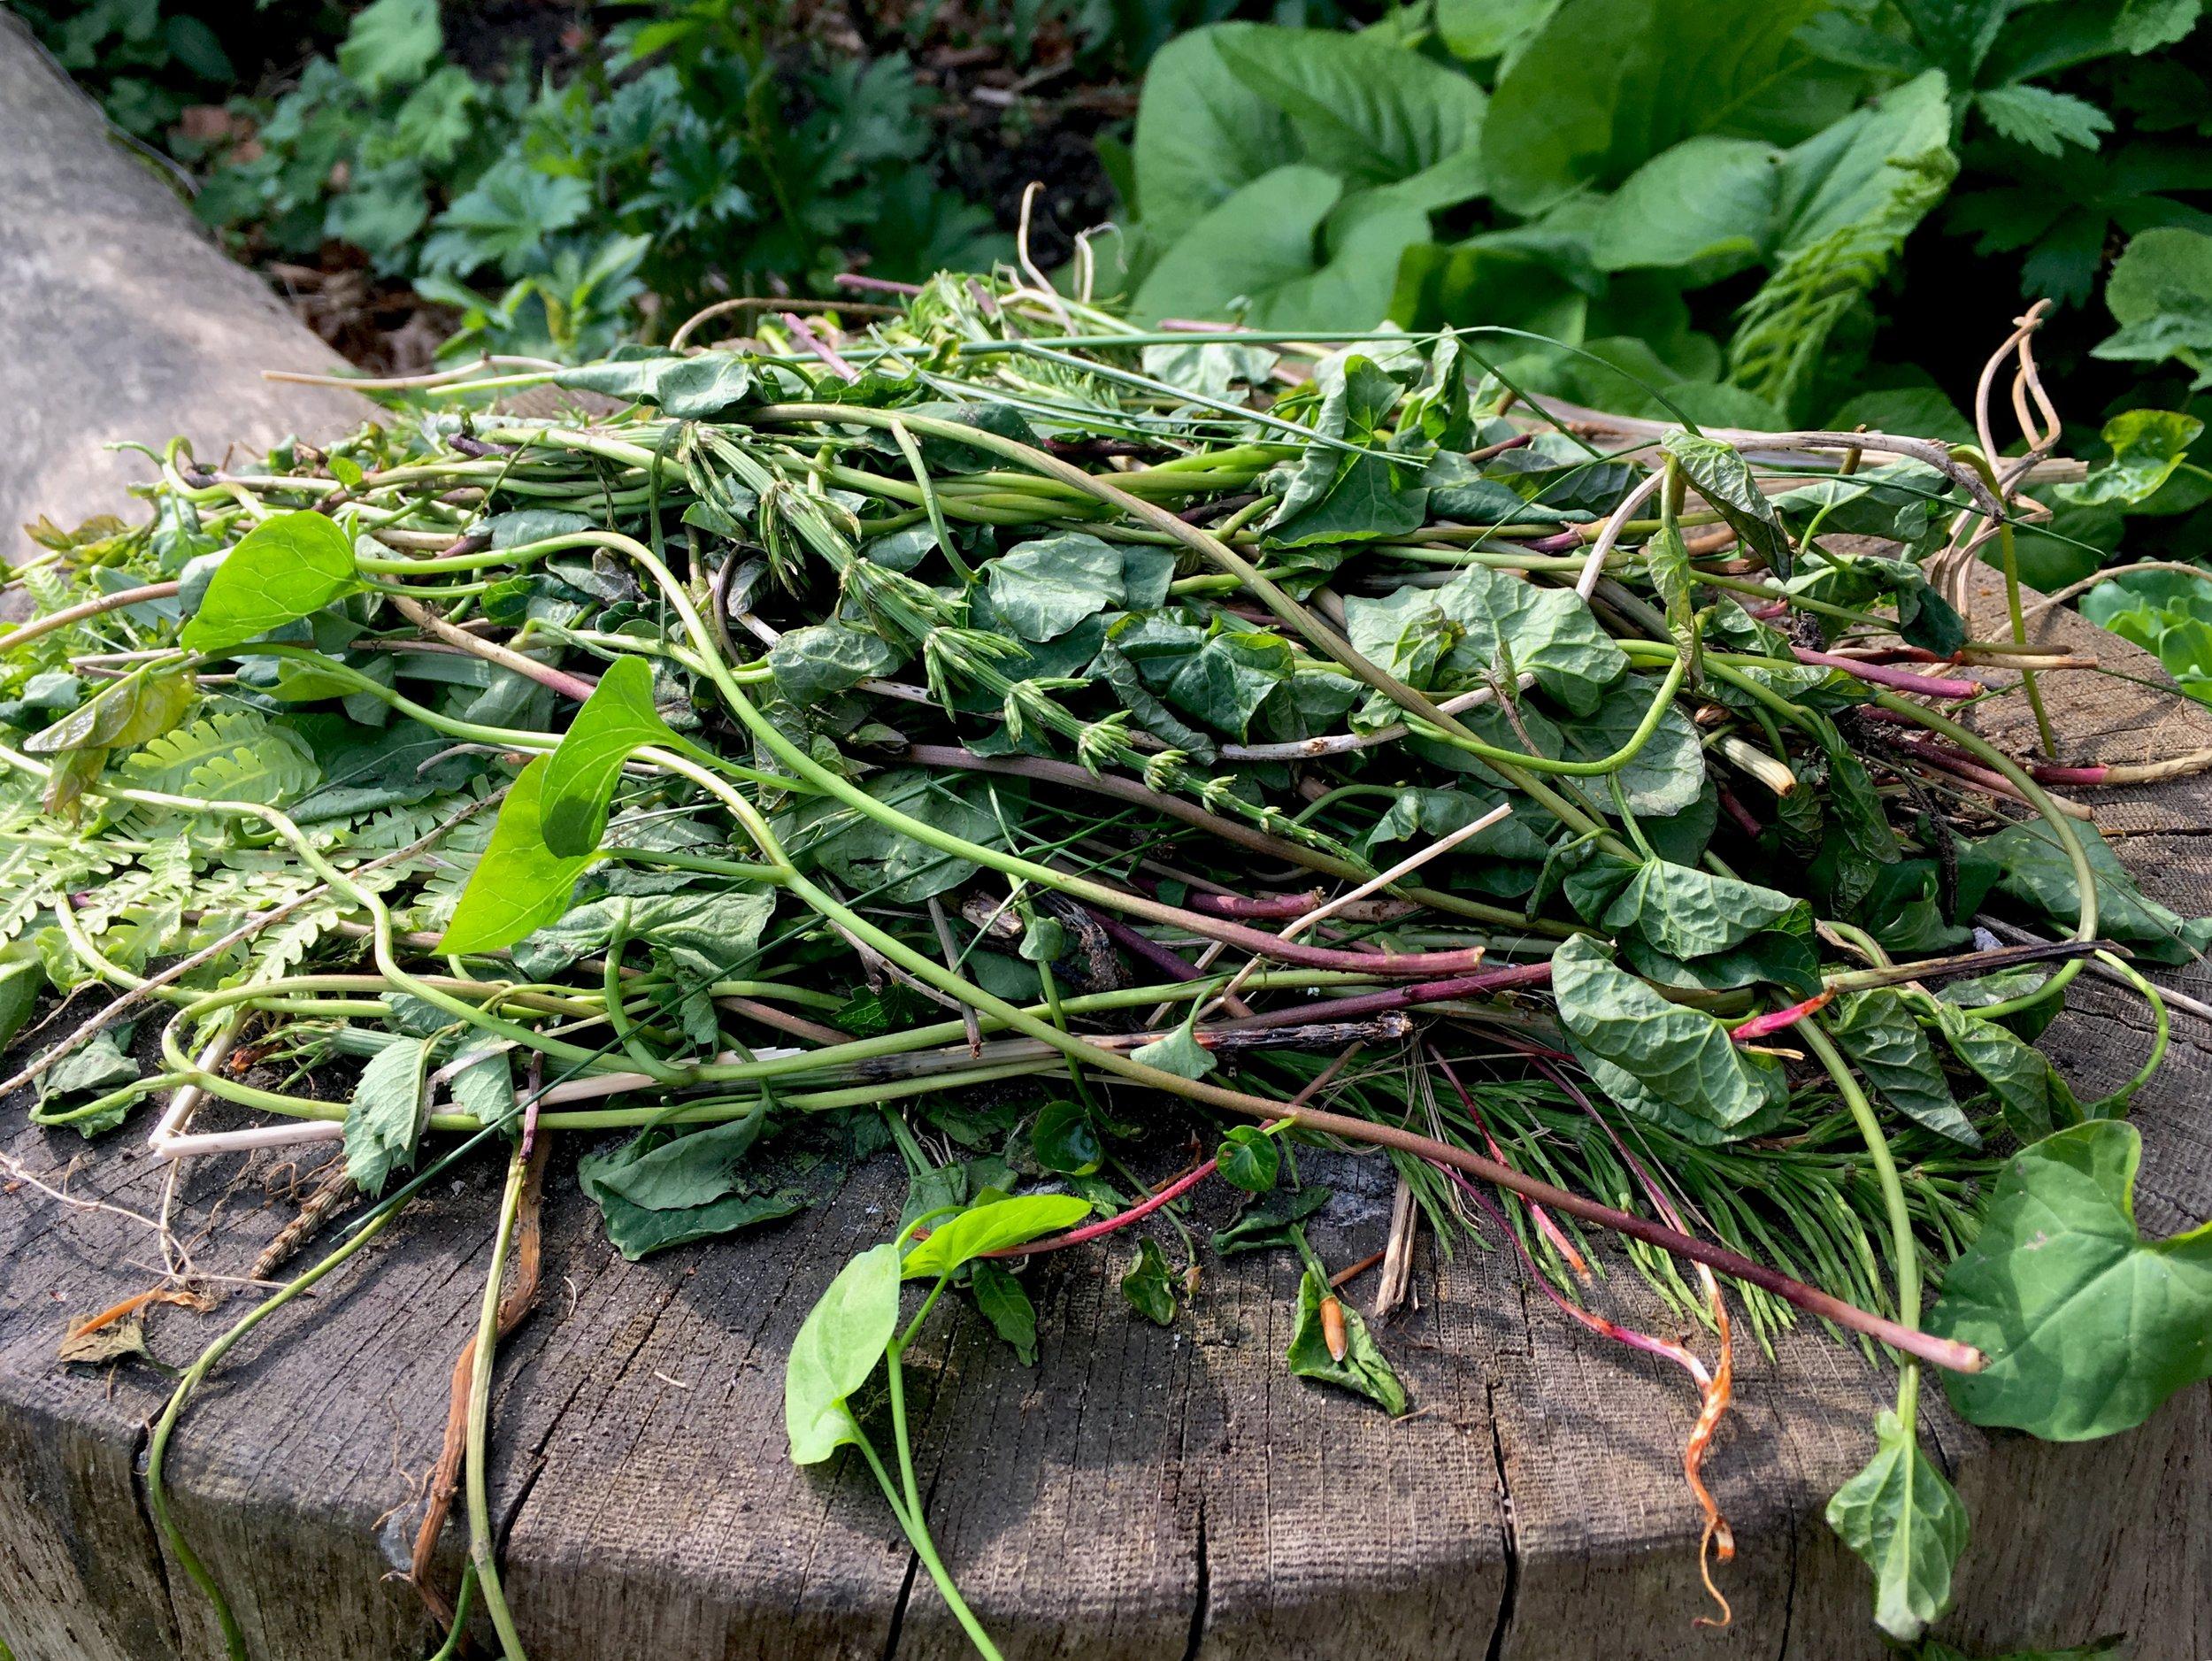 Lugning er en øvelse i repetition og tålmodighed. Hvis du fjerner de grønne dele af en plante, svækkes rødderne, som skal bruge energi på at lave nye blade uden at få energi fra fotosyntese. Jeg lader ukrudtet tørre i solen og smider det på komposten eller brænder det. Du kan også smide det i en spand med vand et par uger, så dør alle rødder og frø, og det kan komme på komposten. På den måde bliver ukrudt til ny krudt, som kan komme de andre planter i haven til gavn.